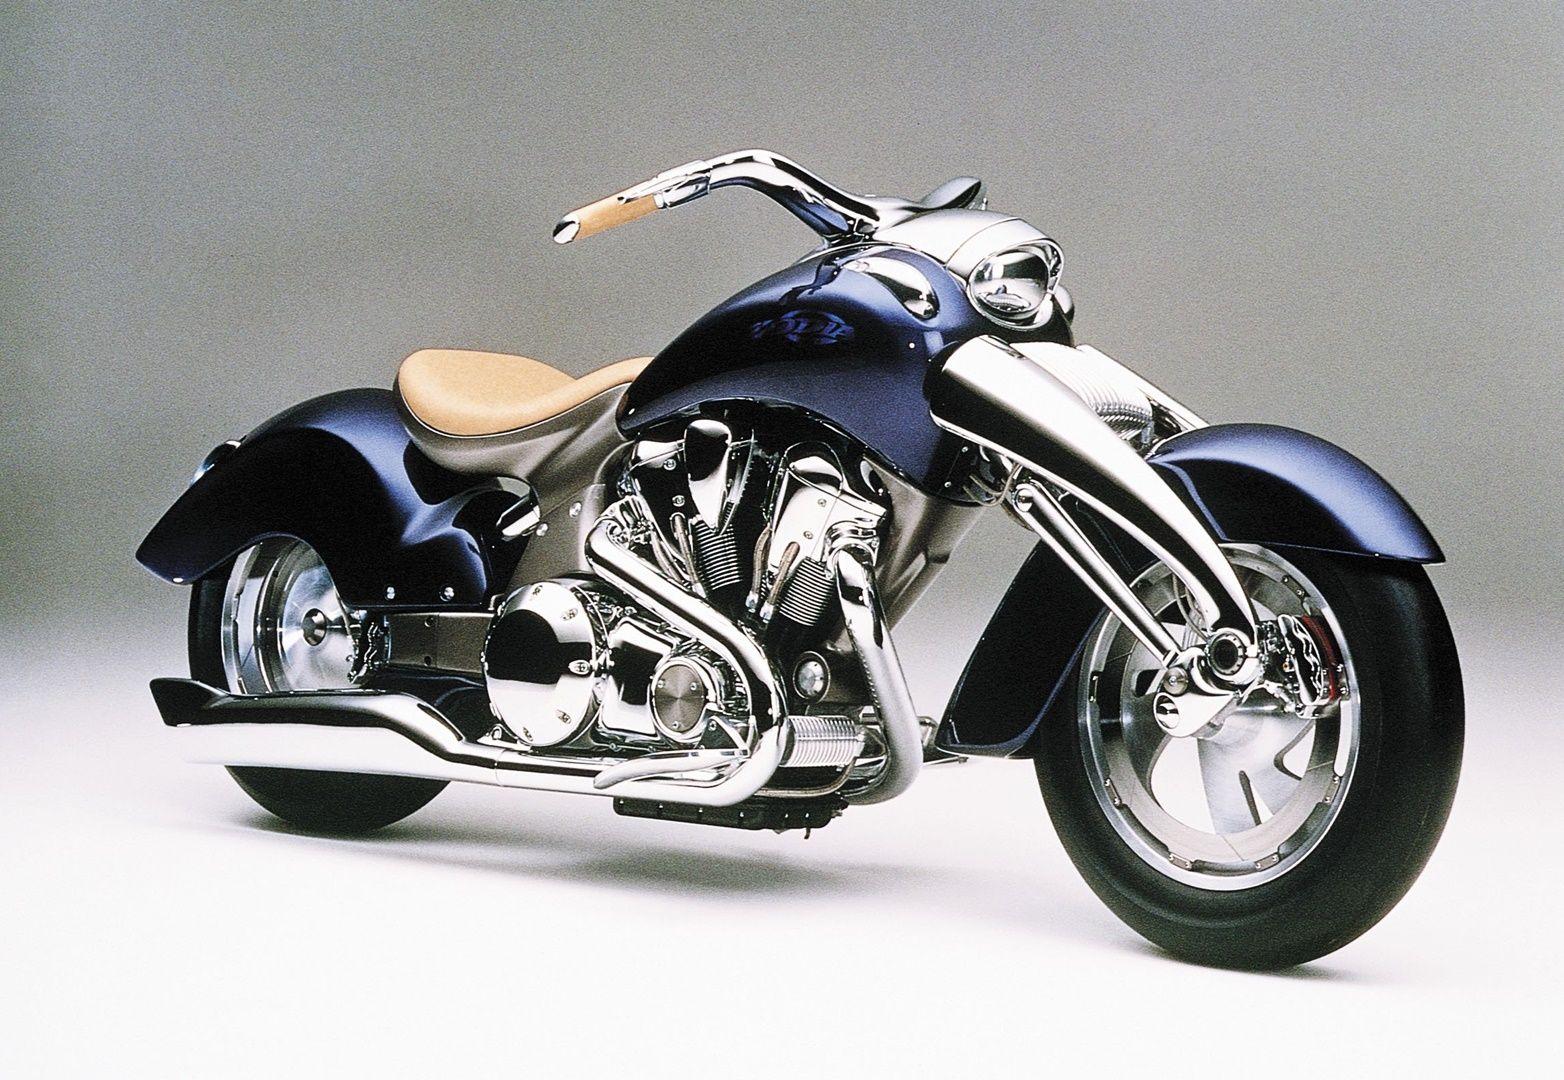 Moto del día: Honda Zodia Concept